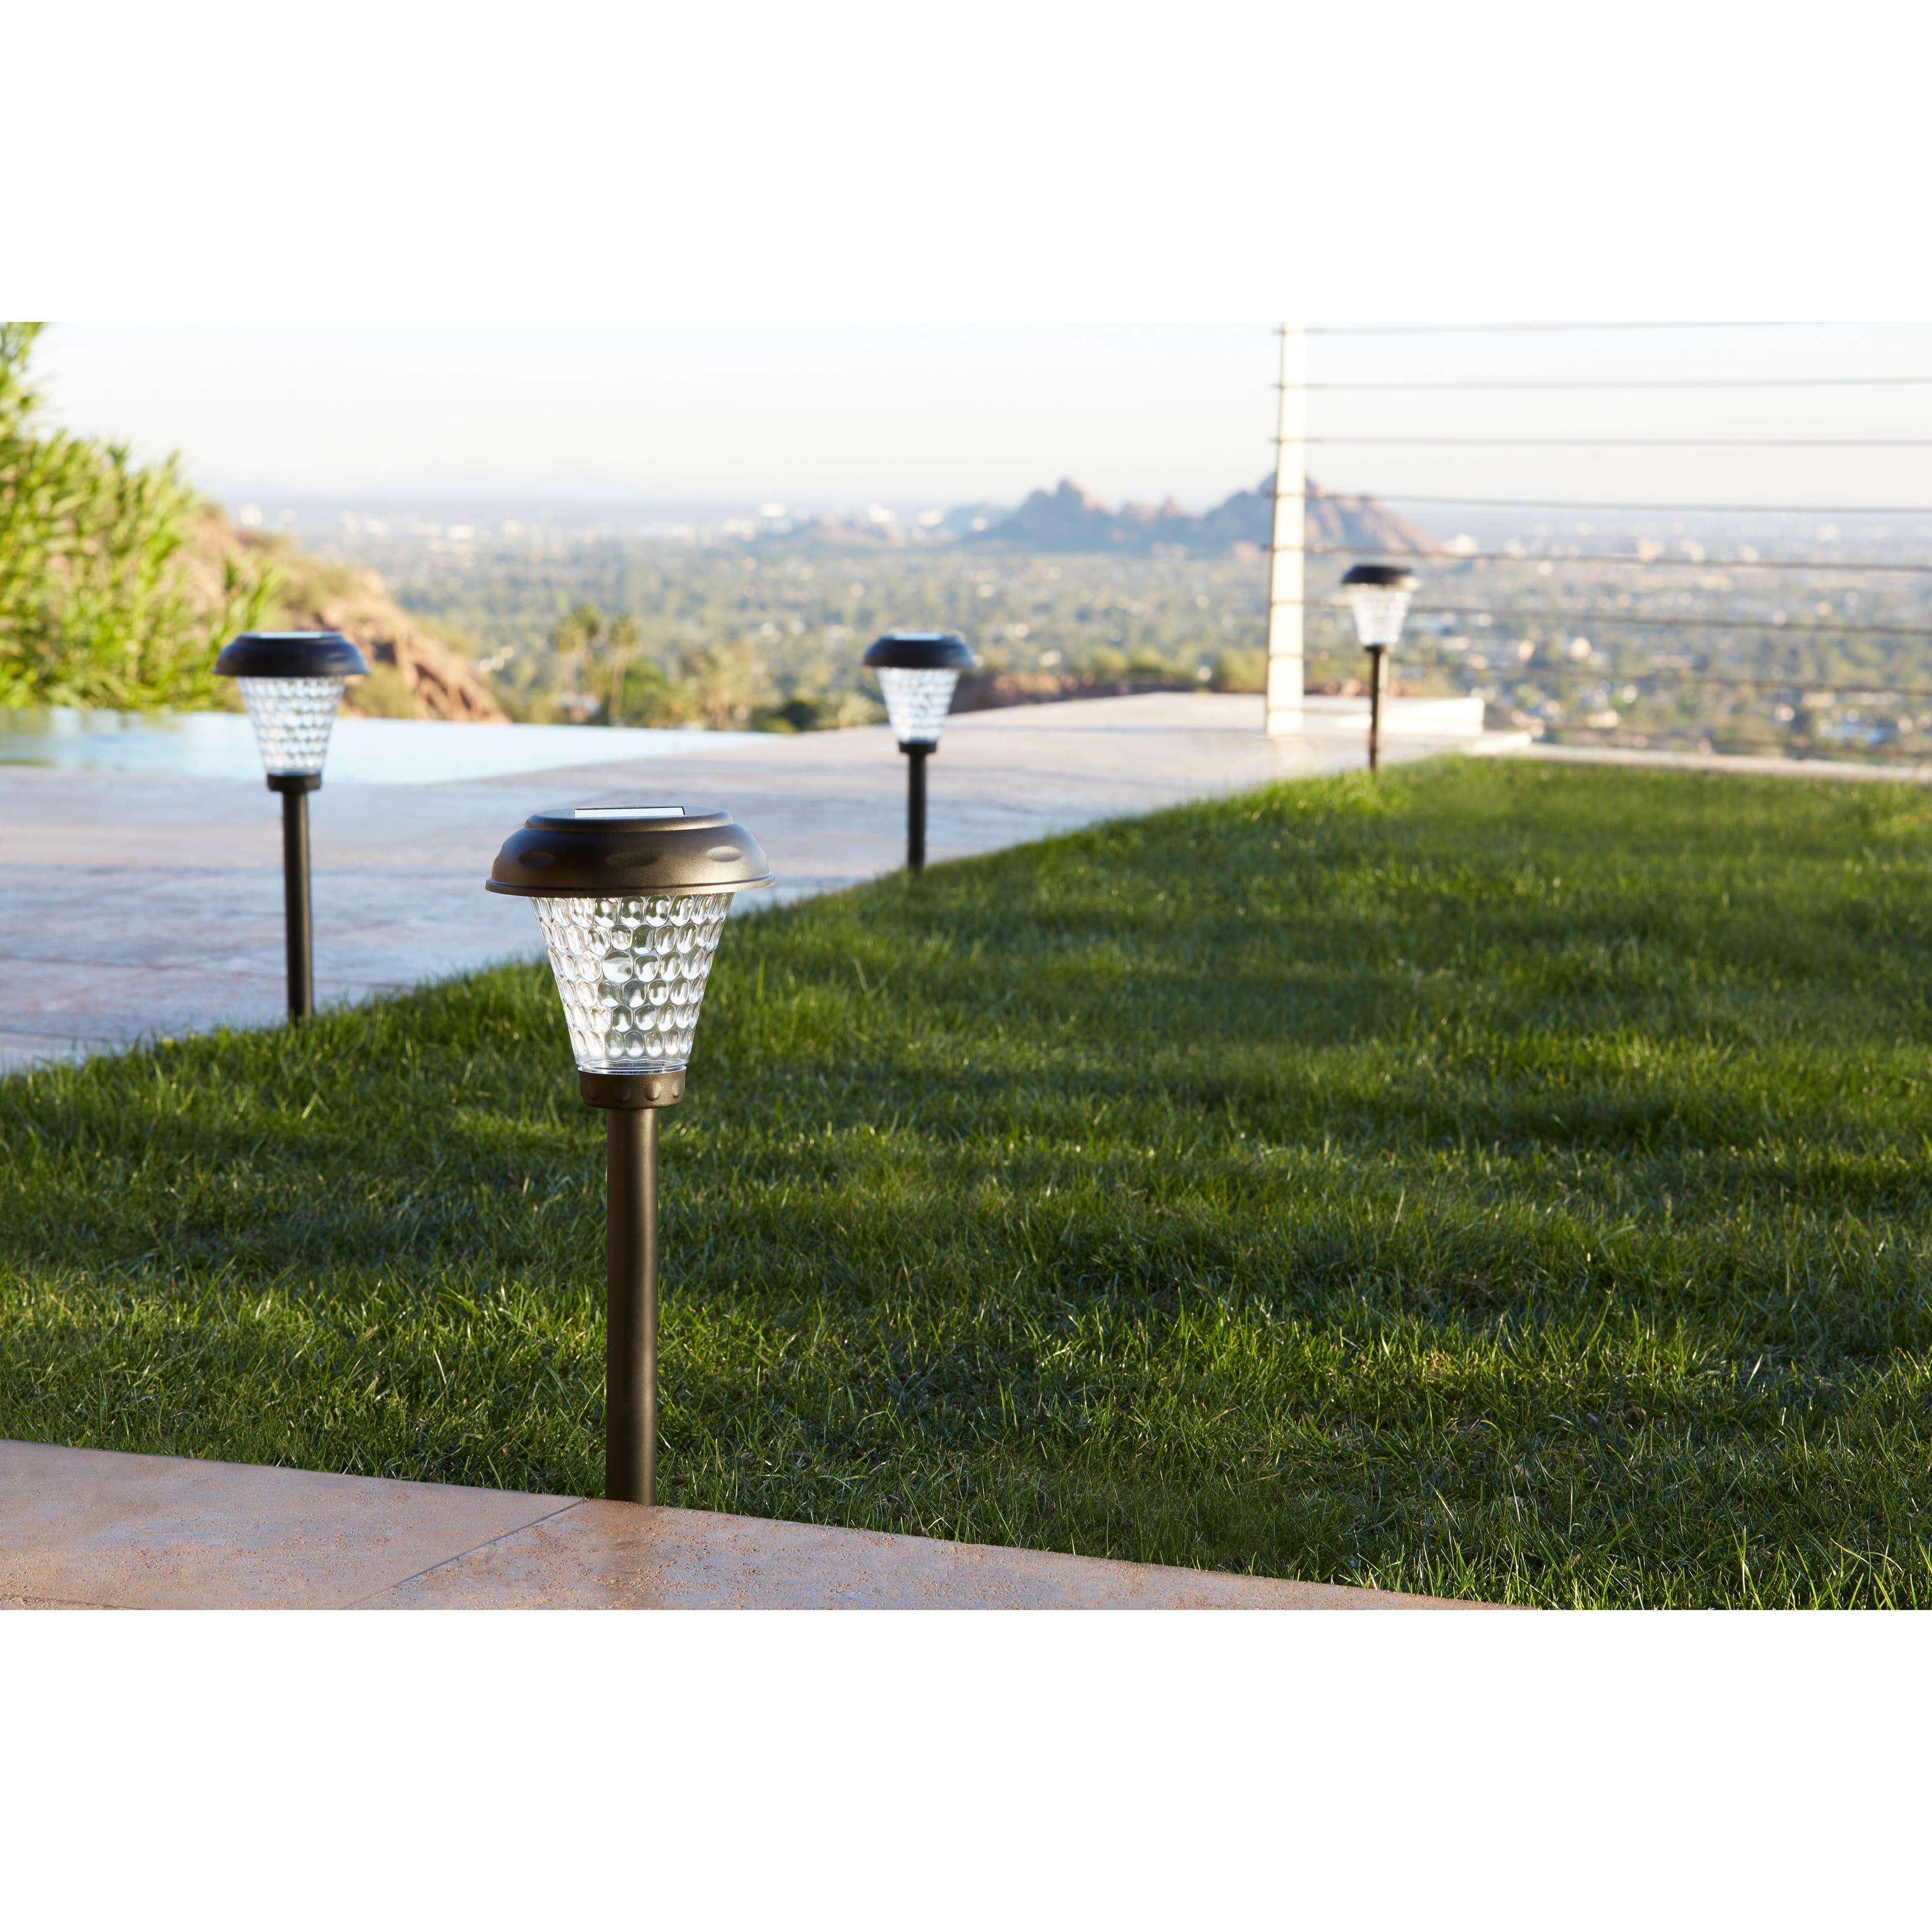 Landscape Lighting Online: Buy Wired Landscape Lighting Online At Overstock